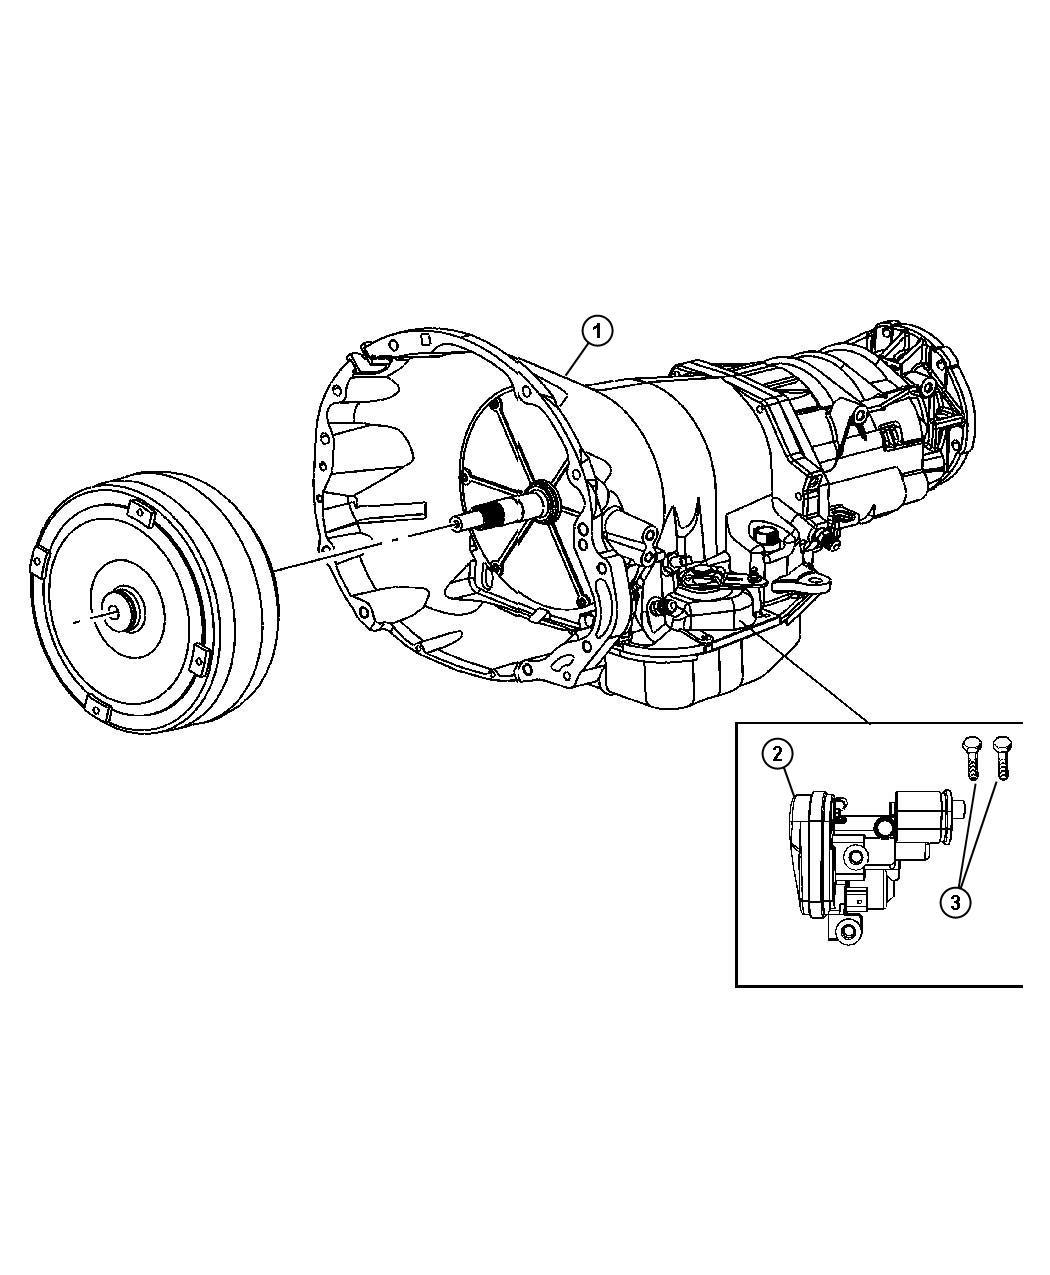 Dodge ram 2500 4x4 59l ho cummins turbo diesel 4 spd